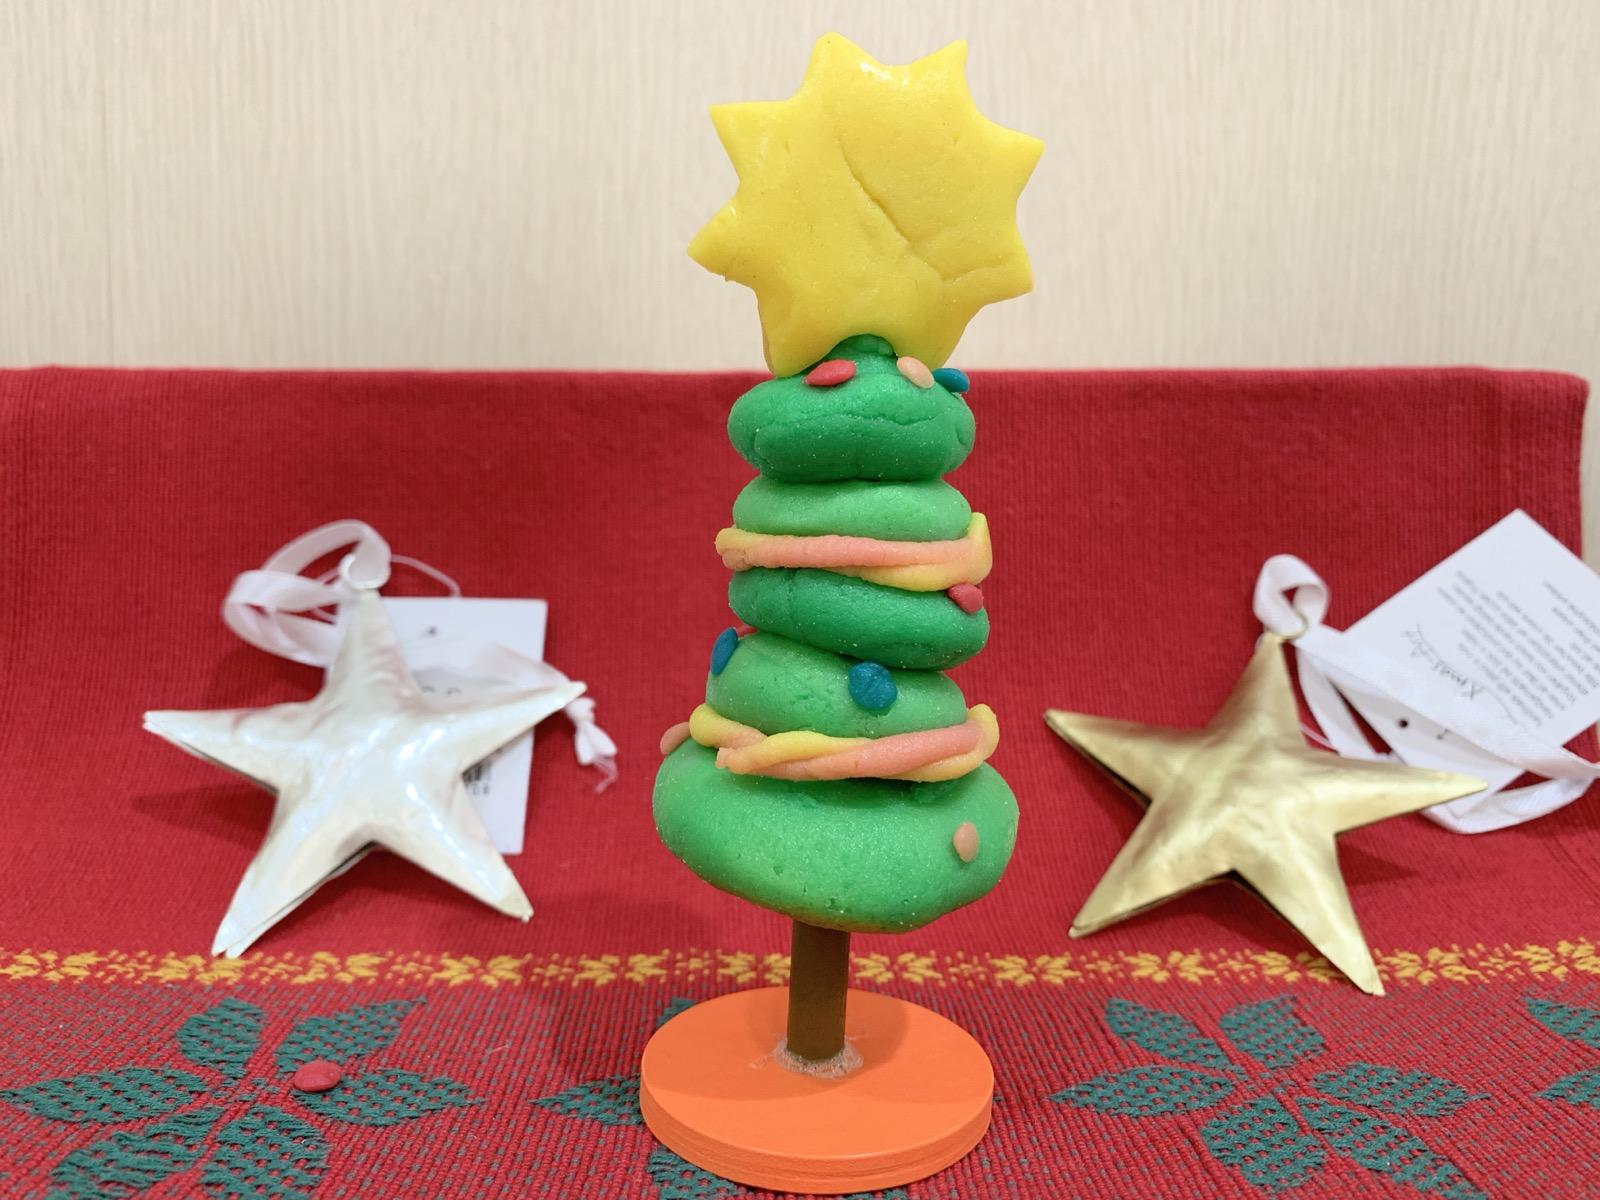 とっておきのクリスマスの思い出に・・・☆寒天が素材の粘土で飾り置きができるクリスマスツリーを作りませんか?